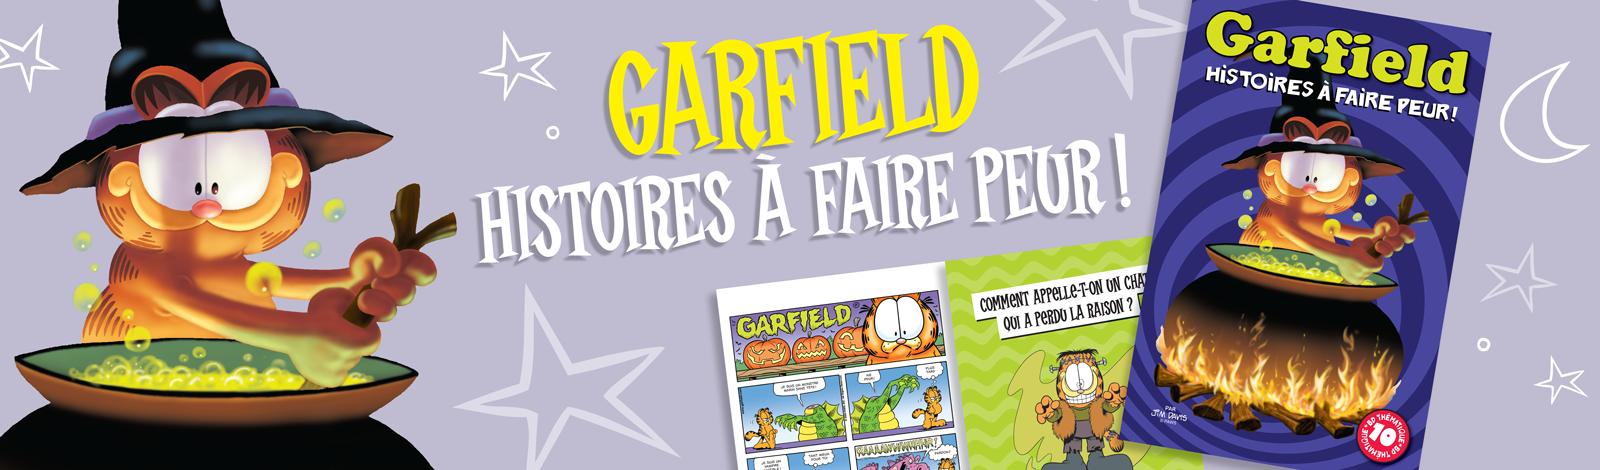 Garfield peur